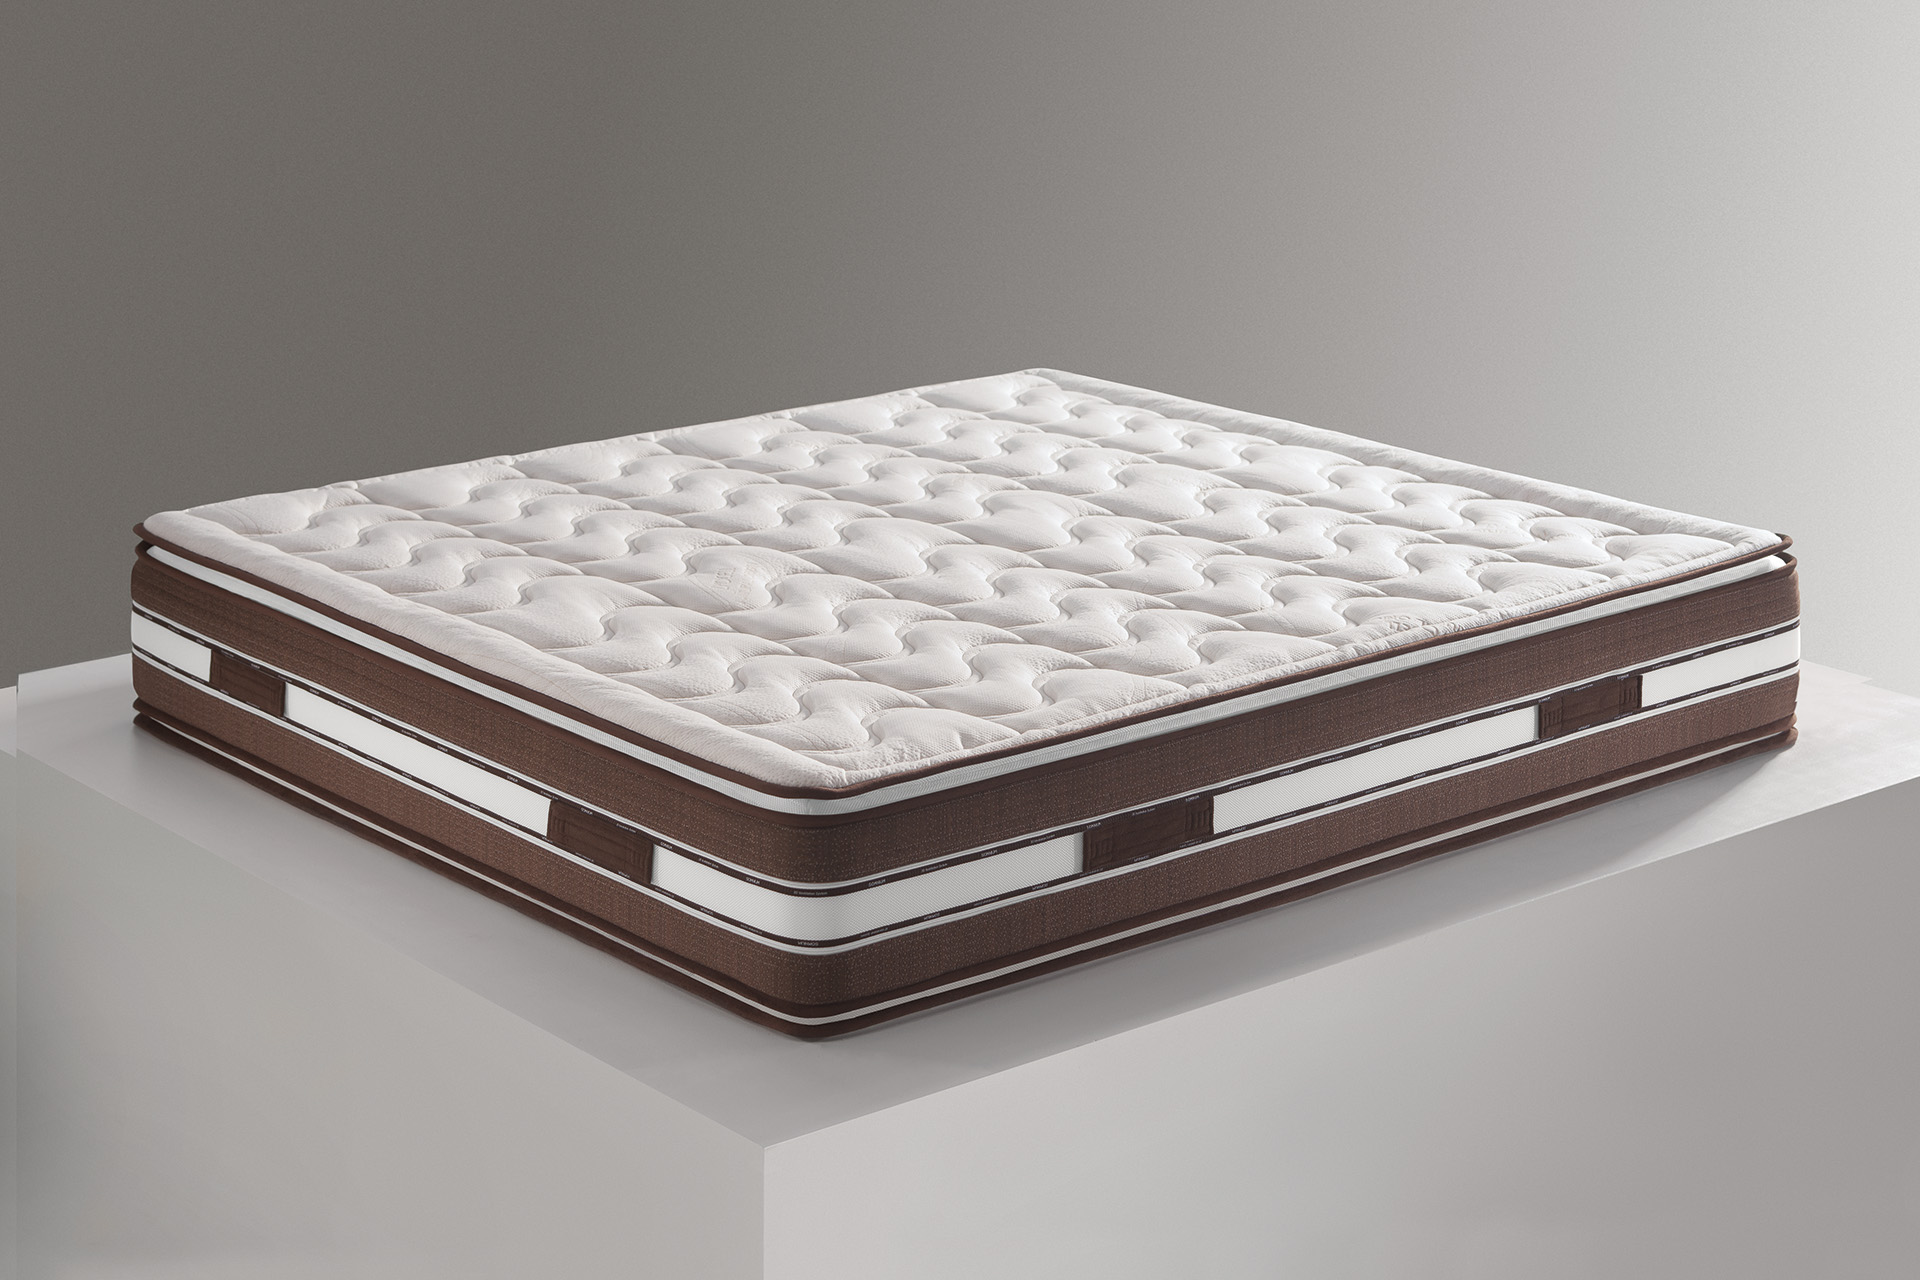 Manutenzione Materasso In Lattice nottetempo somnium: materasso in schiuma di poliuretano di